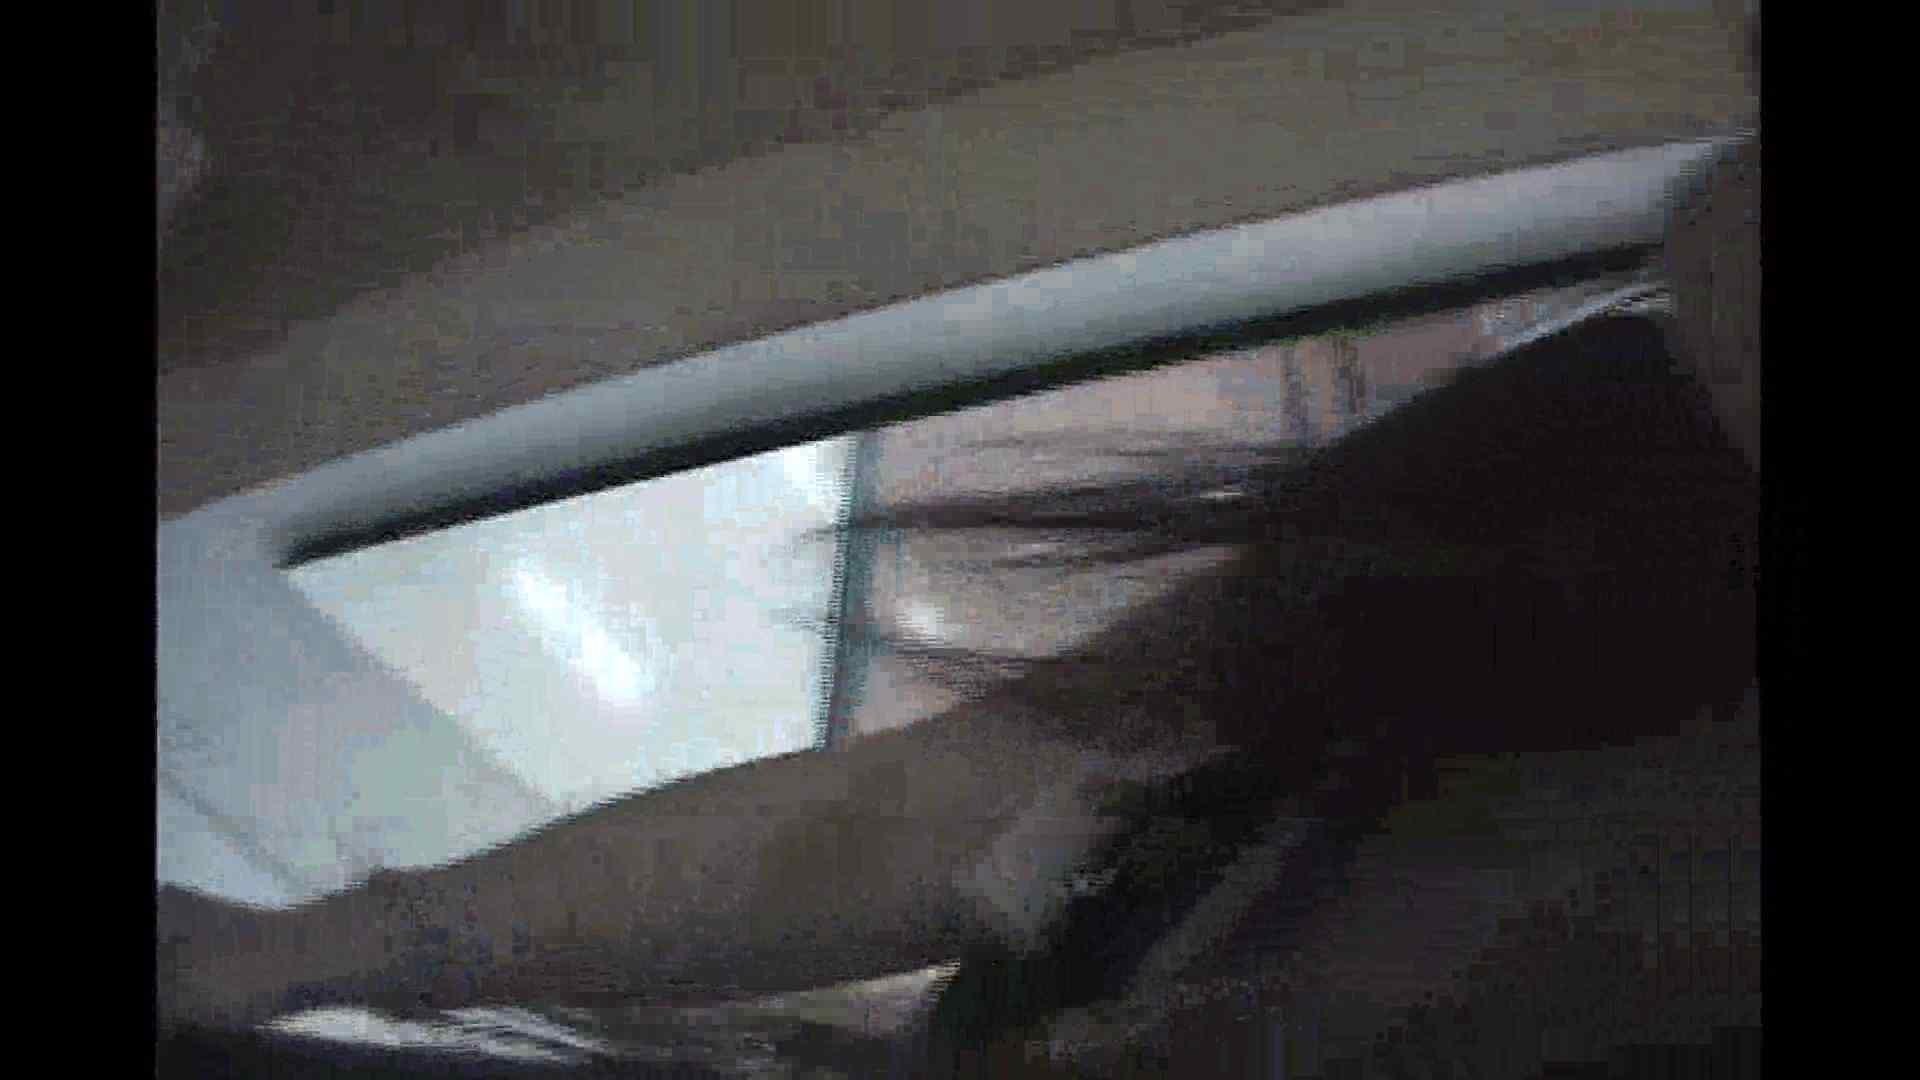 働く美女の谷間参拝 Vol.34 OLエロ画像 隠し撮りセックス画像 75PICs 57